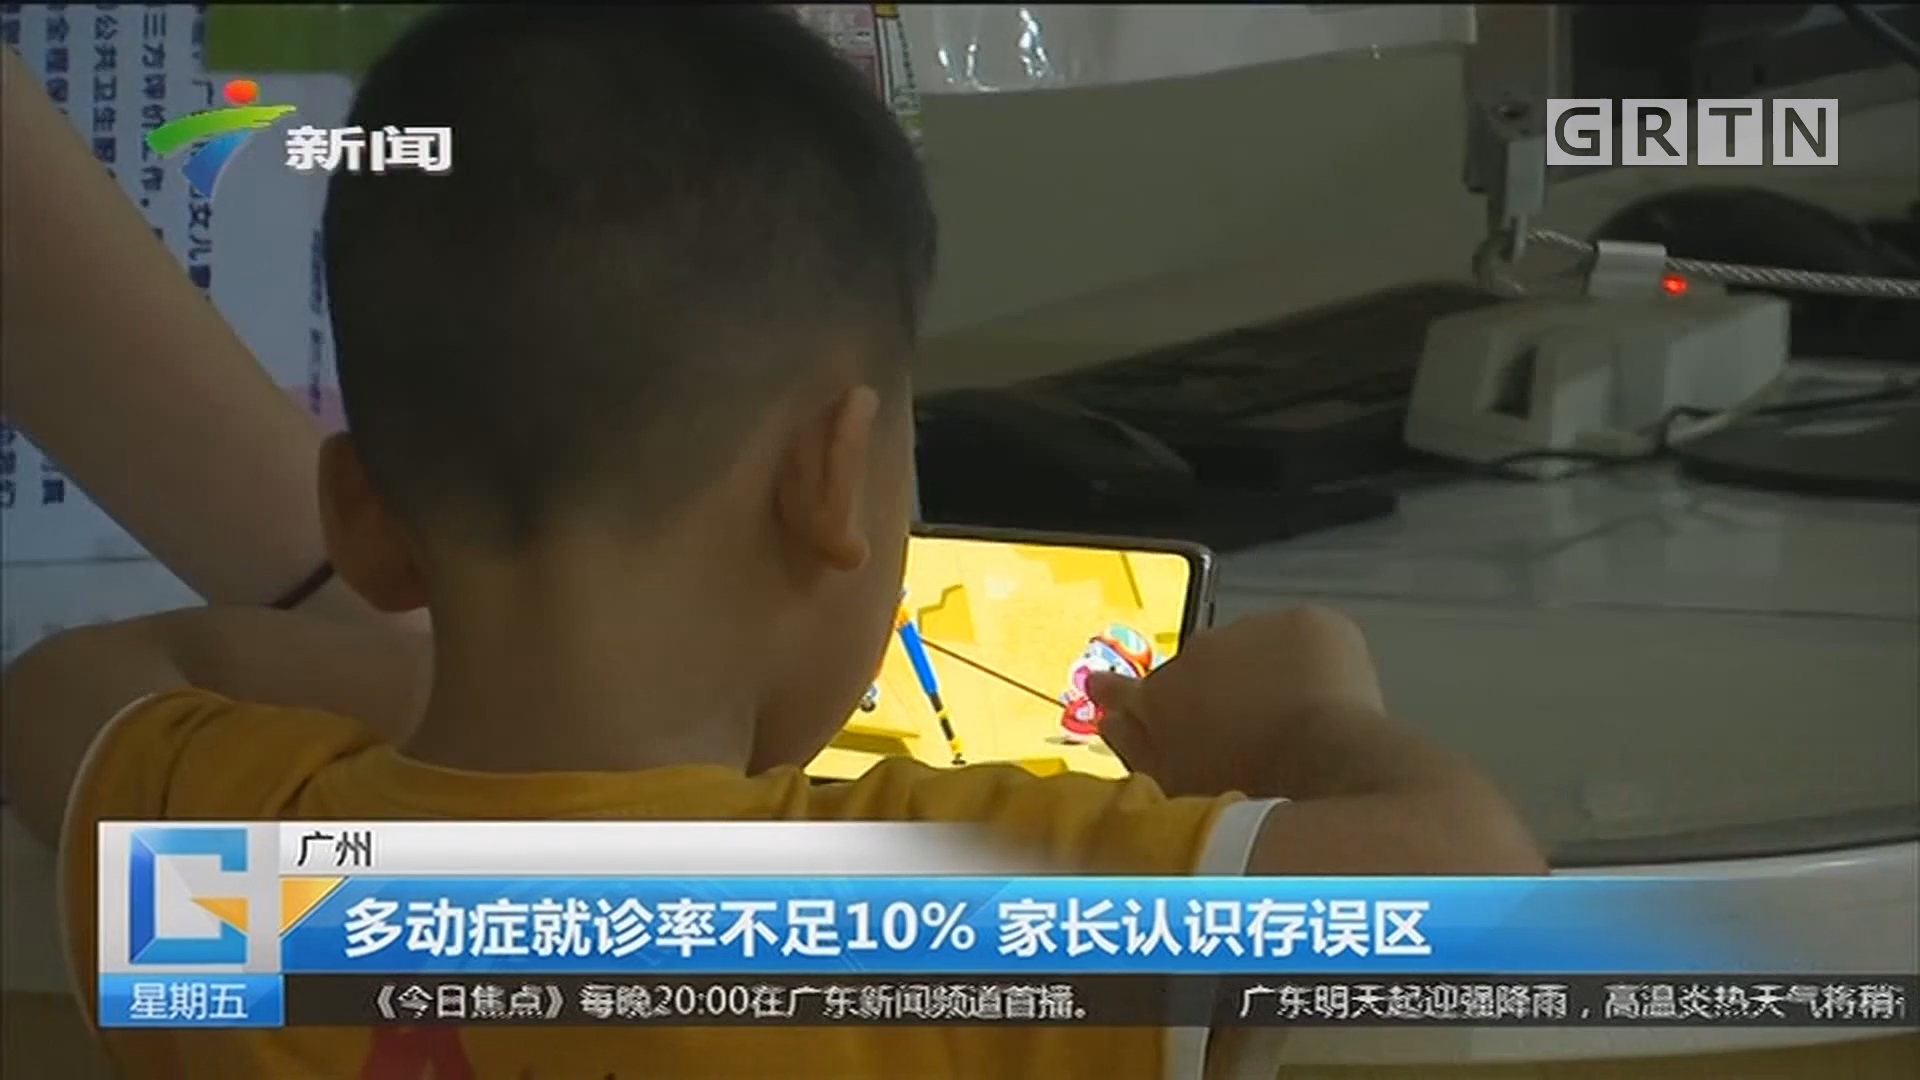 广州:多动症就诊率不足10% 家长认识存误区